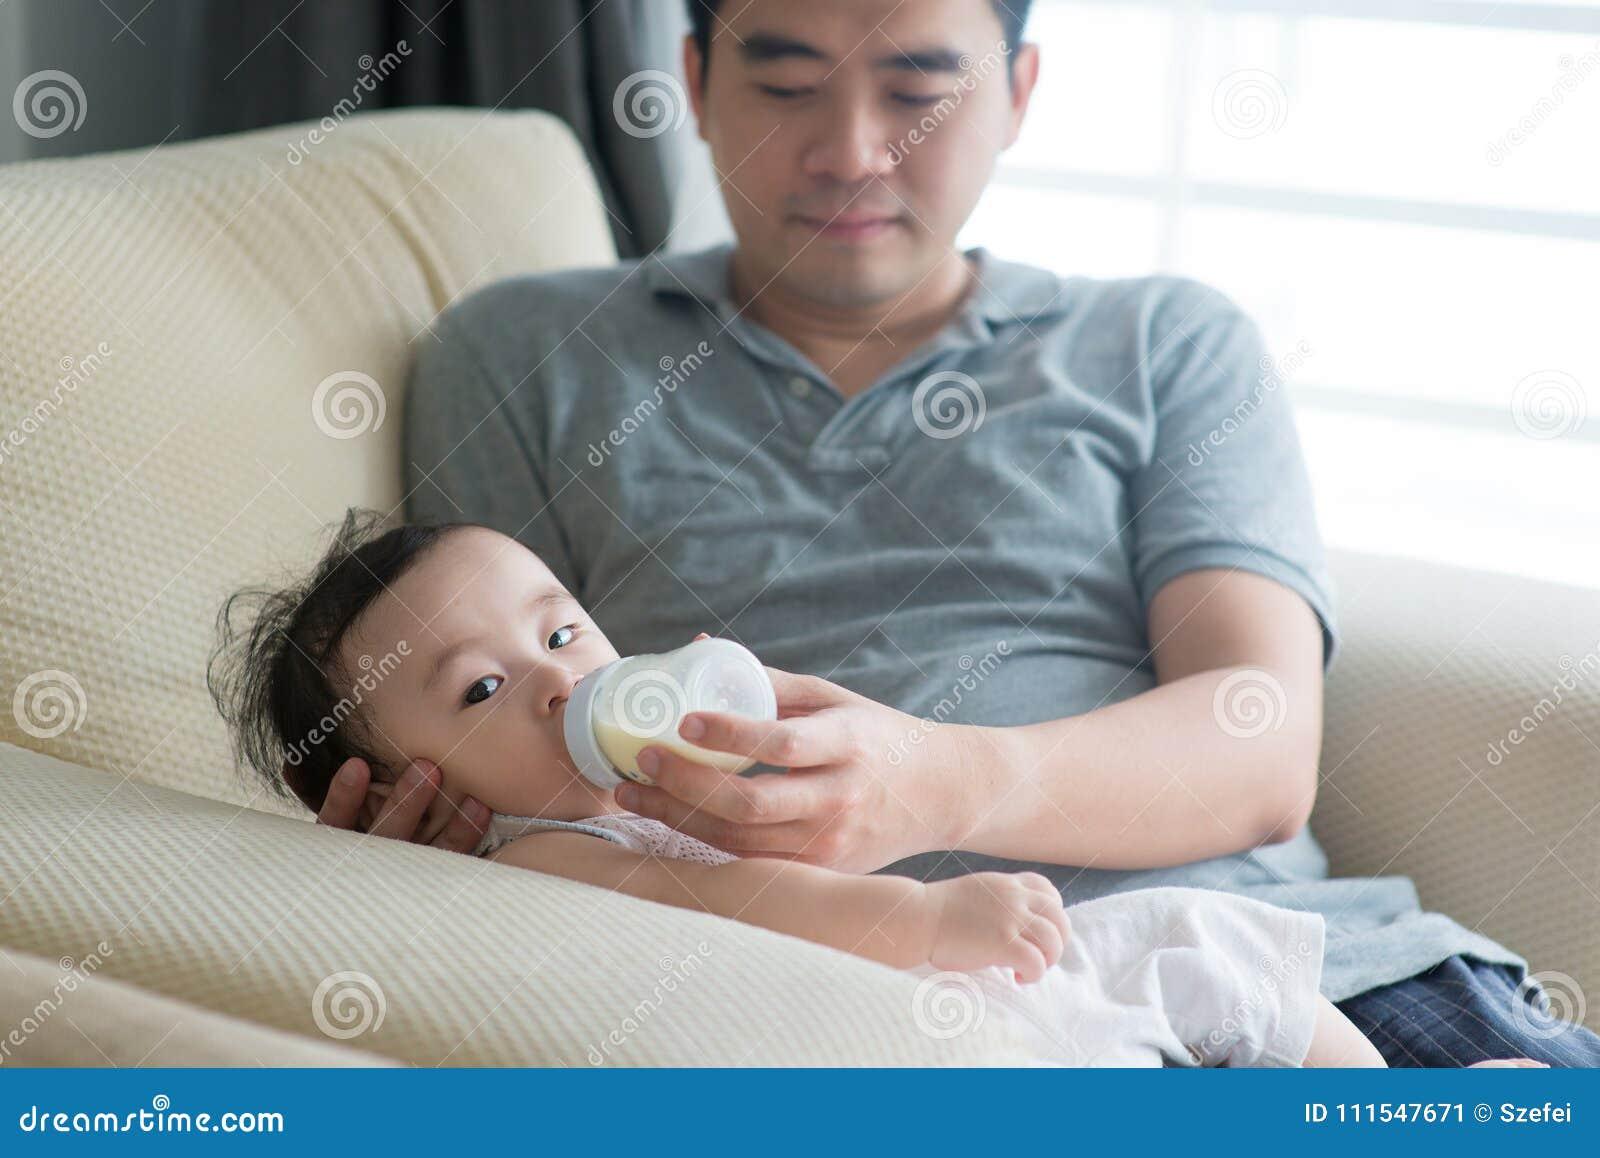 Il padre allatta con il biberon il latte al bambino